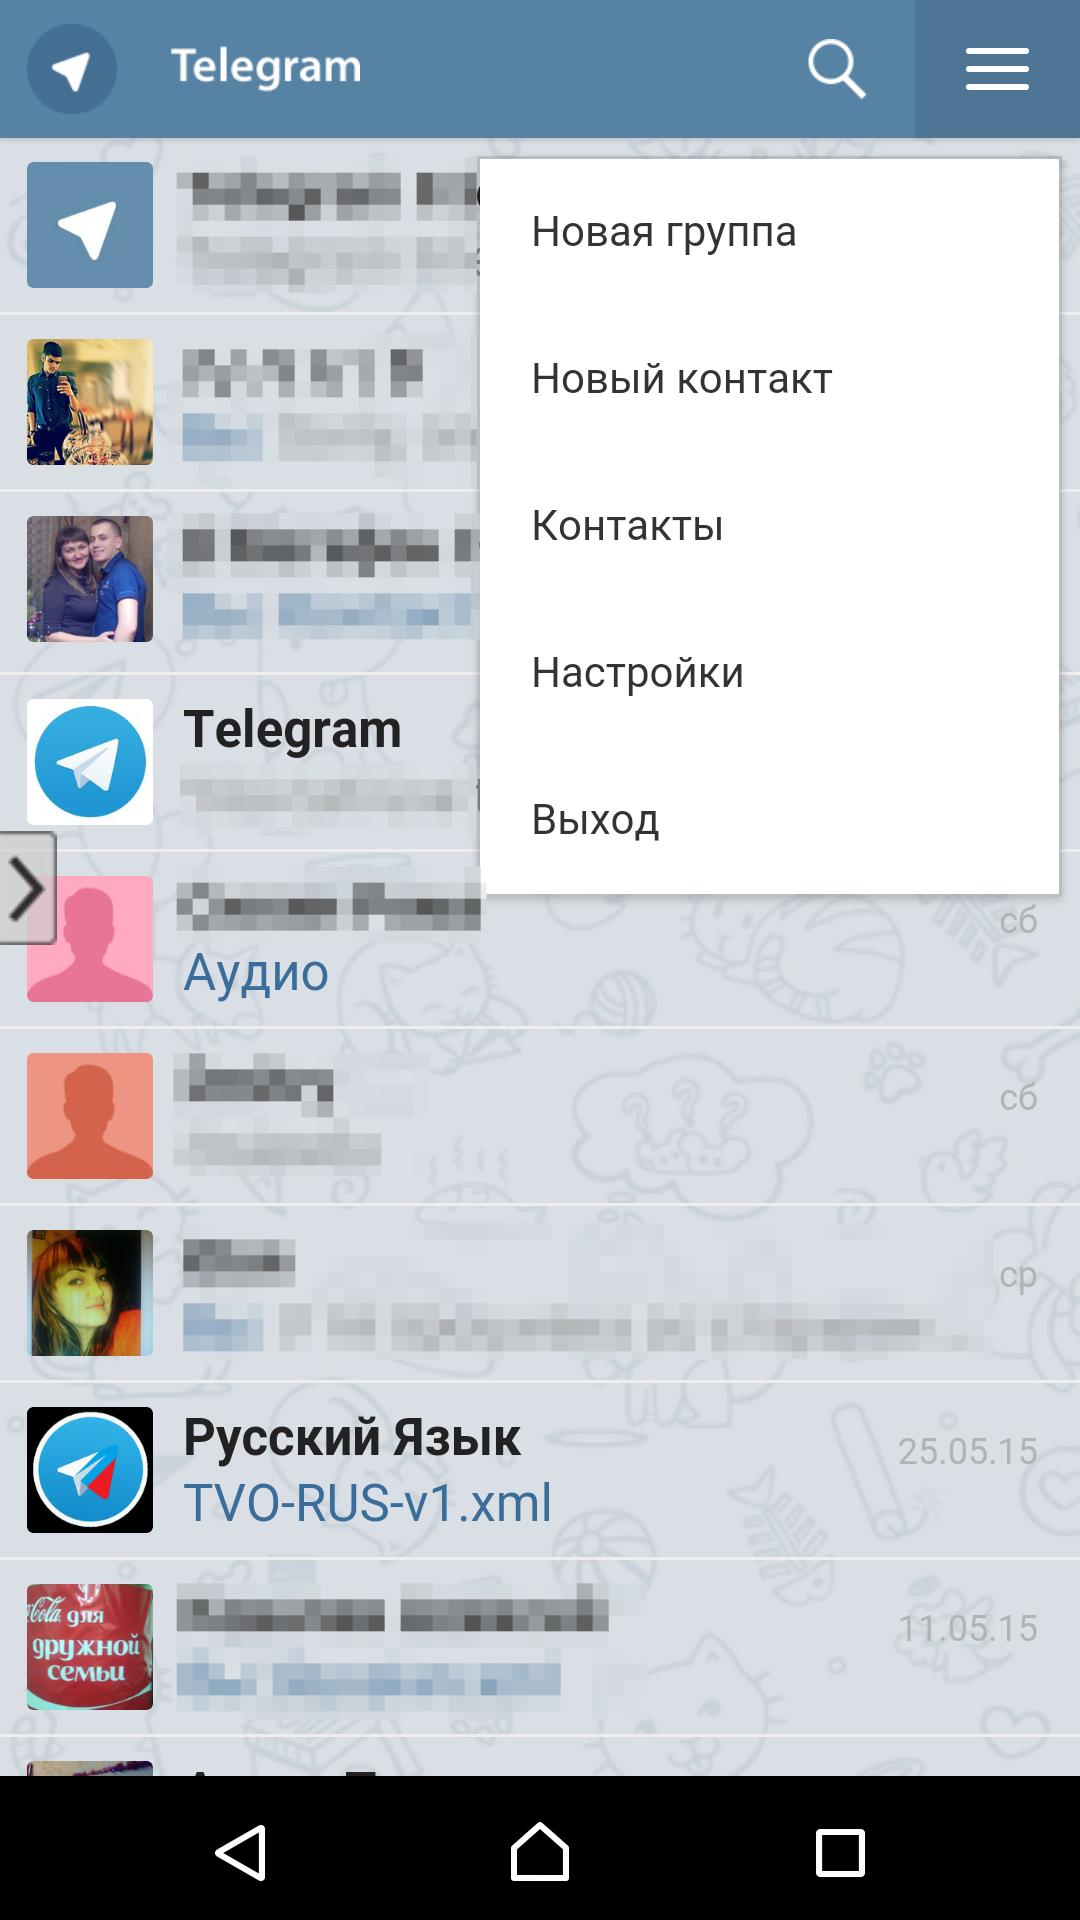 Онлайн Телеграмм бесплатно 24